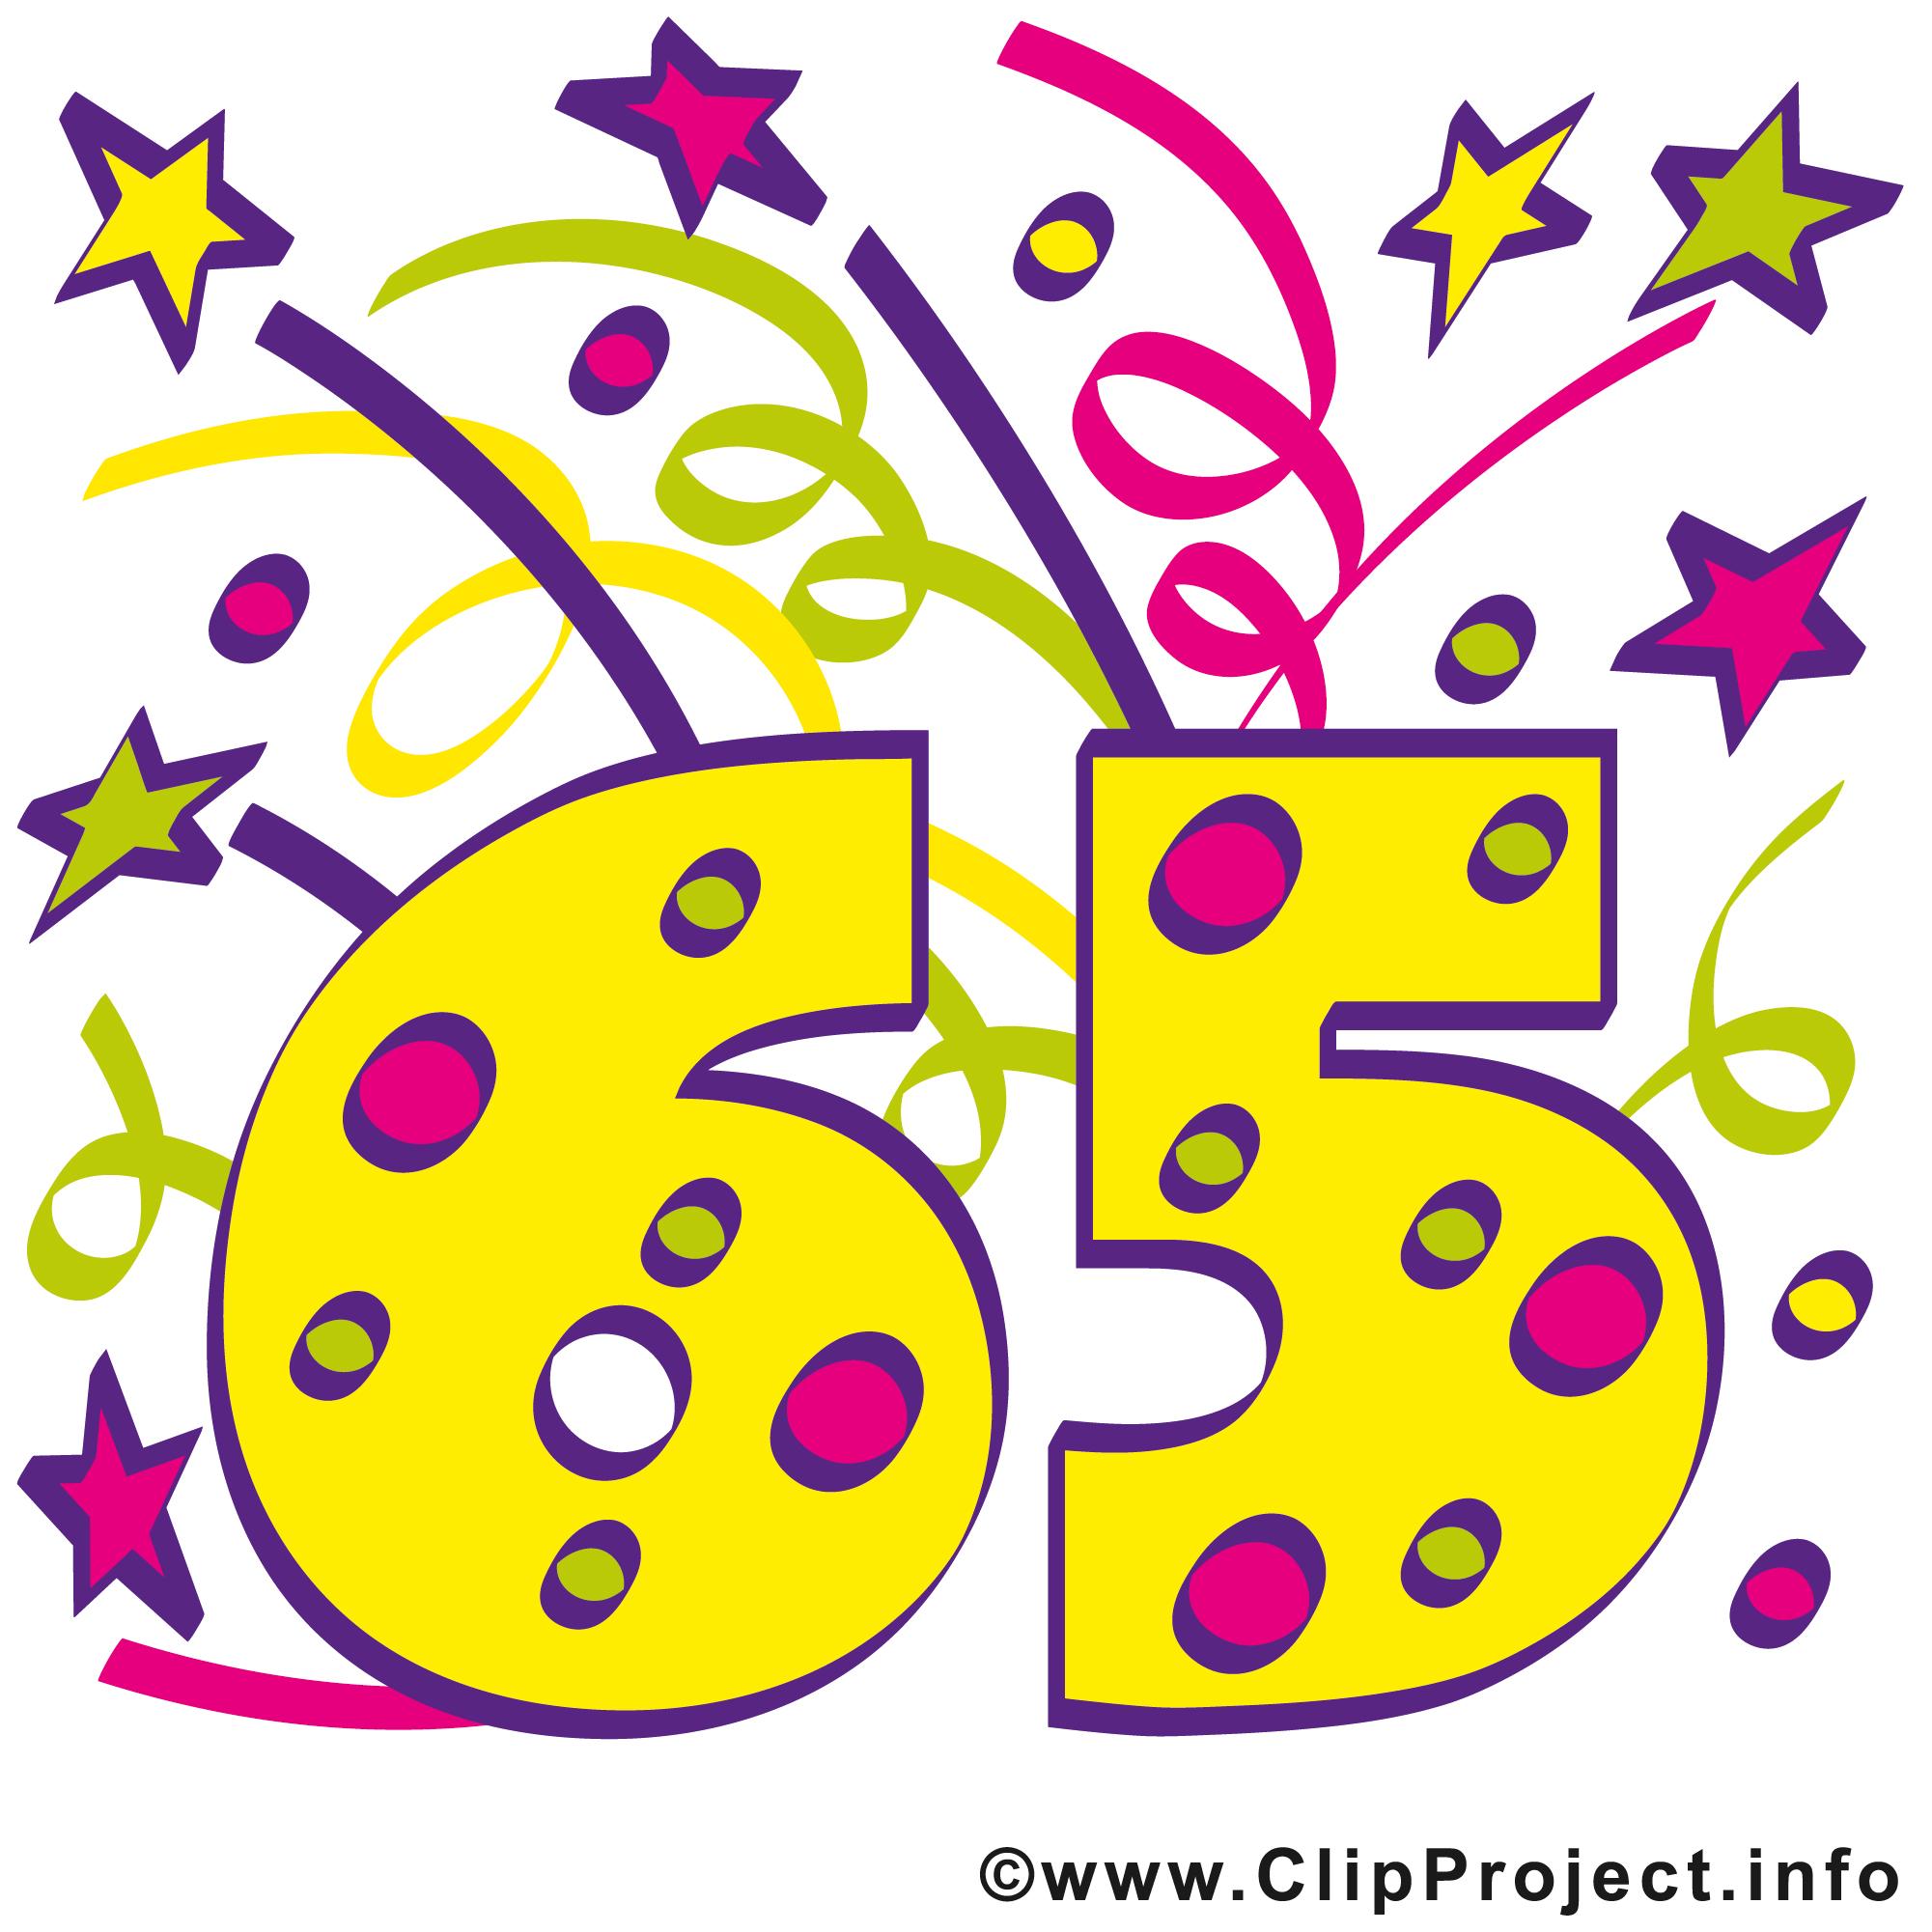 clipart gratuit anniversaire 30 ans - photo #26